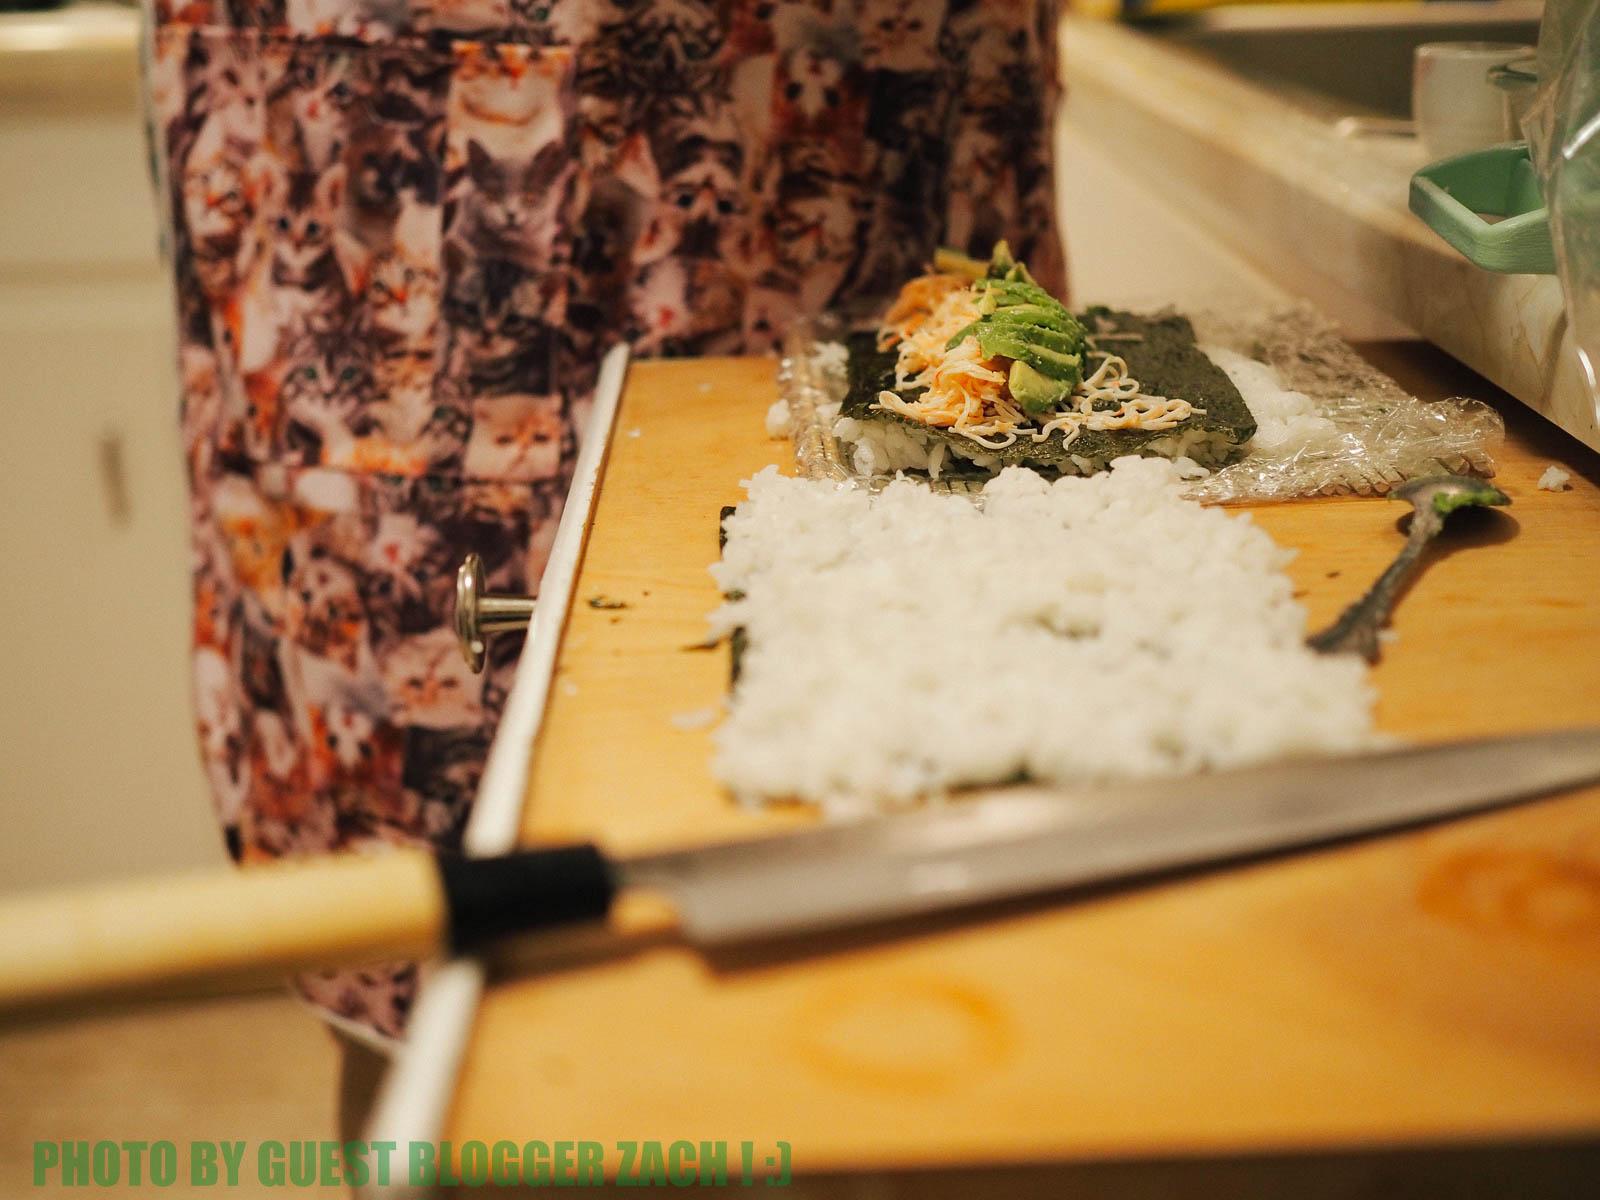 sushi-night-zach-17.jpg